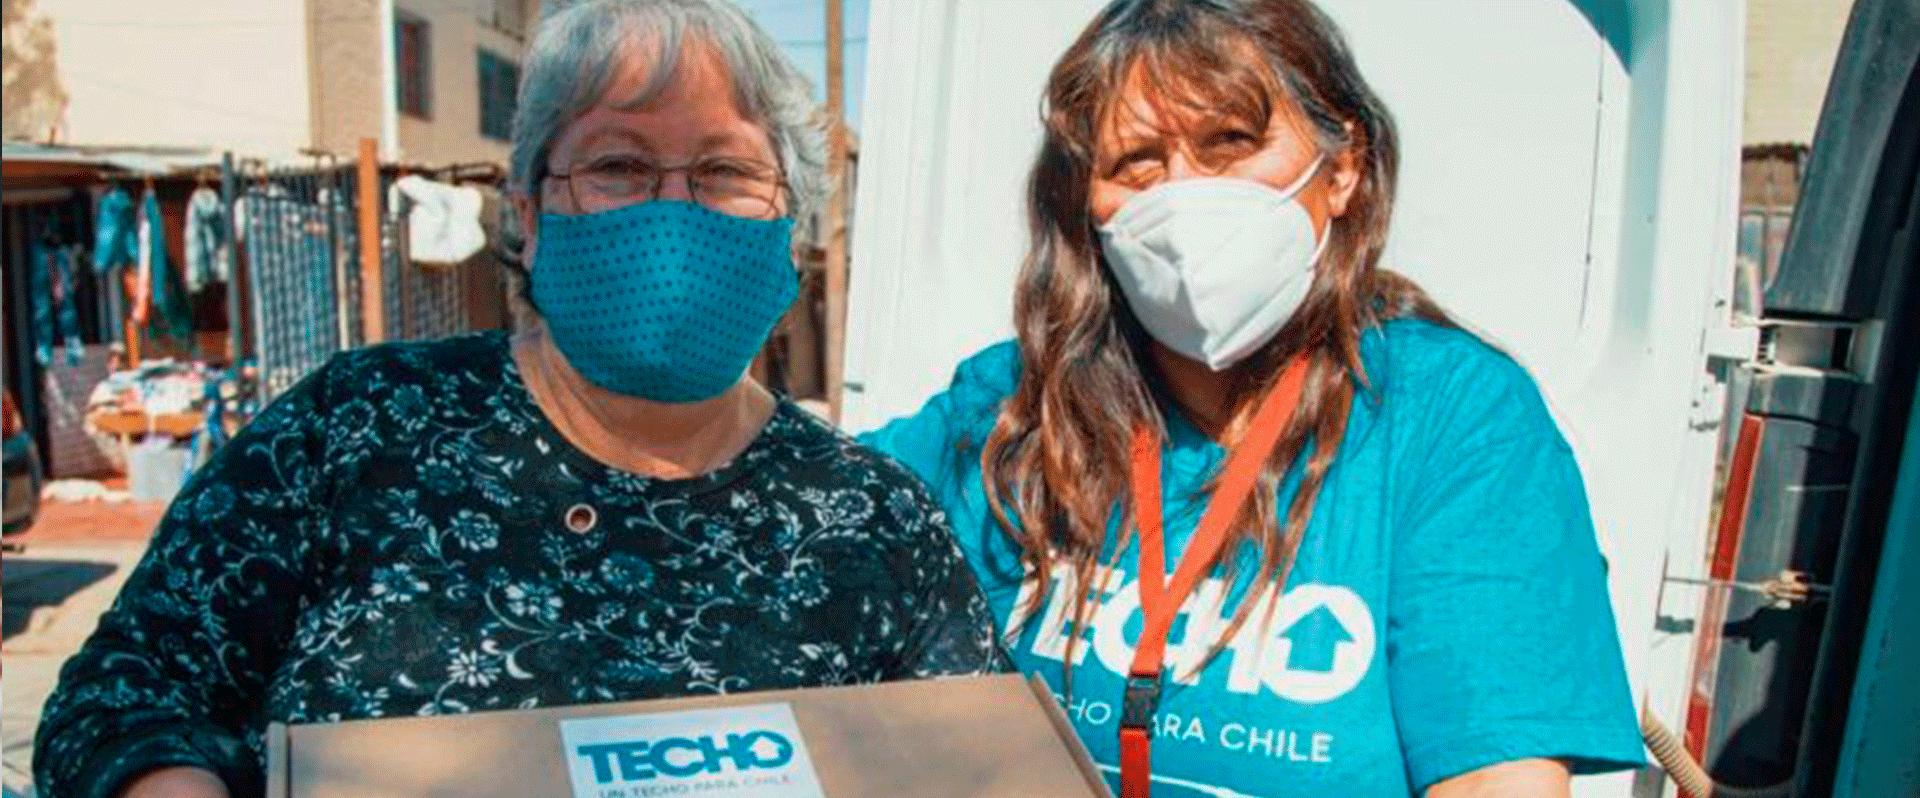 Becas de Alfabetización Digital: una oportunidad en medio de la pandemia